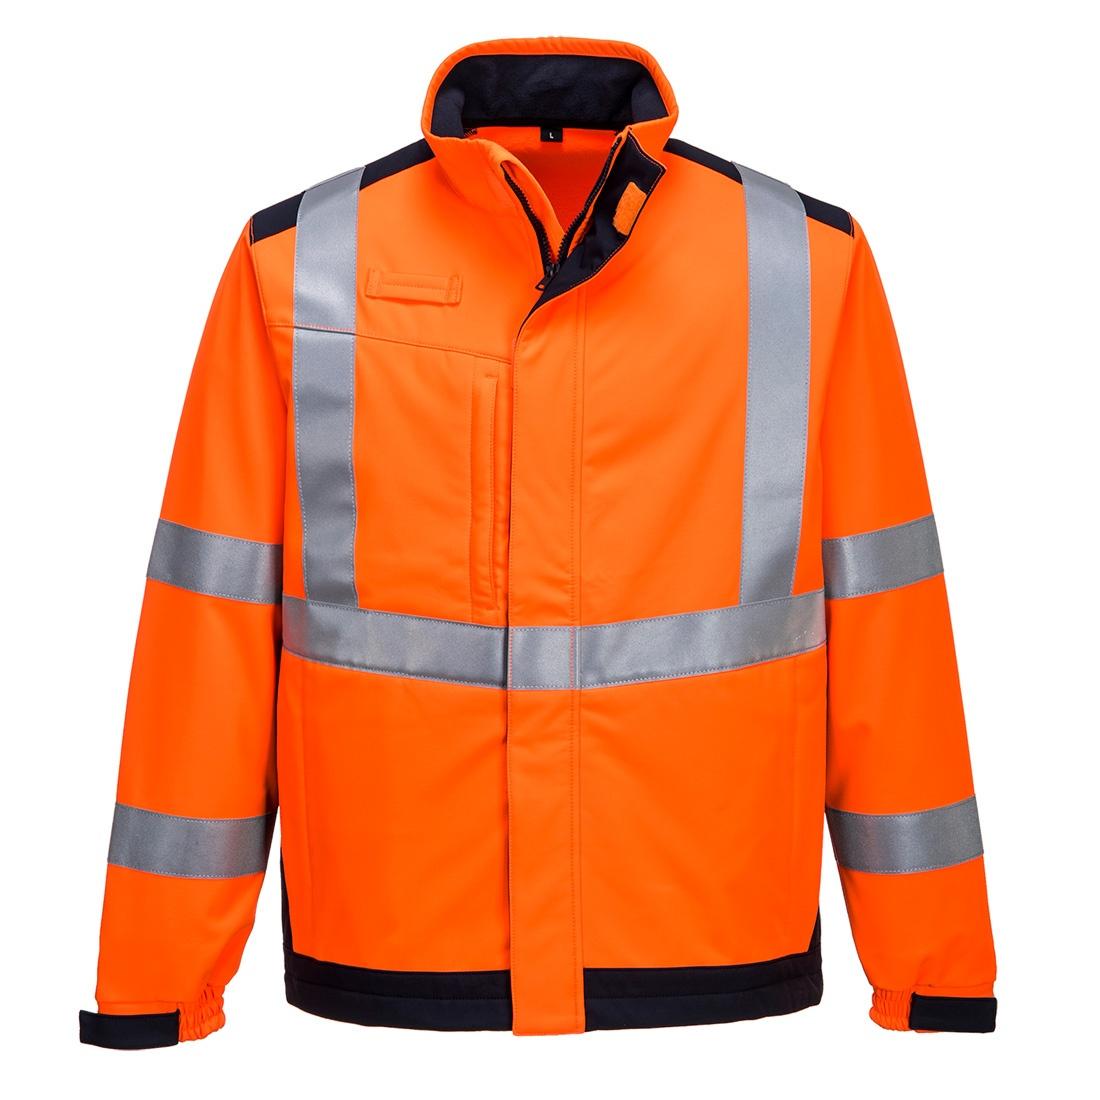 Portwest Modaflame Softshell Jacket - Orange/Navy